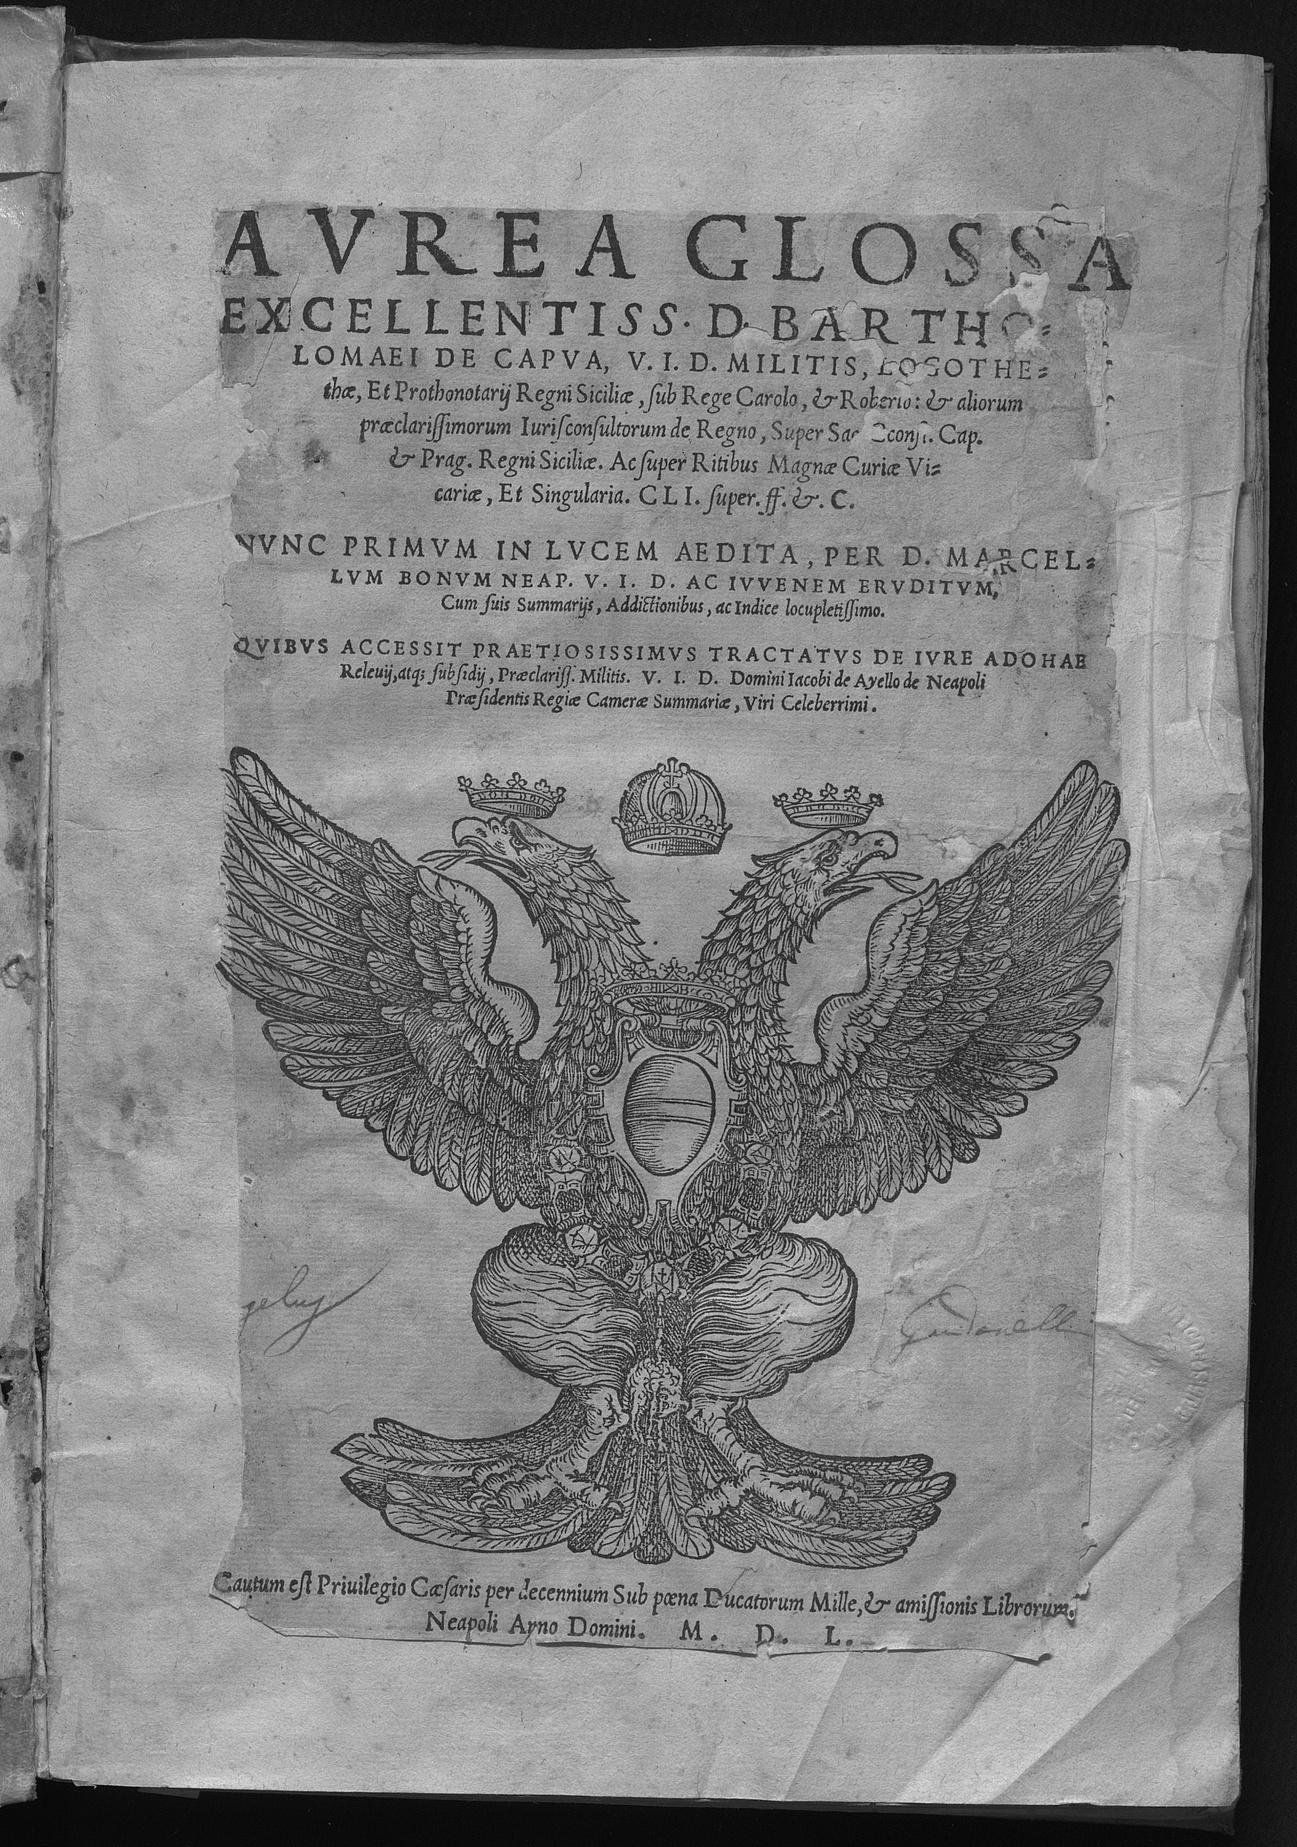 Fondo antico presso la Sezione storica della Biblioteca di Economia e Giurisprudenza